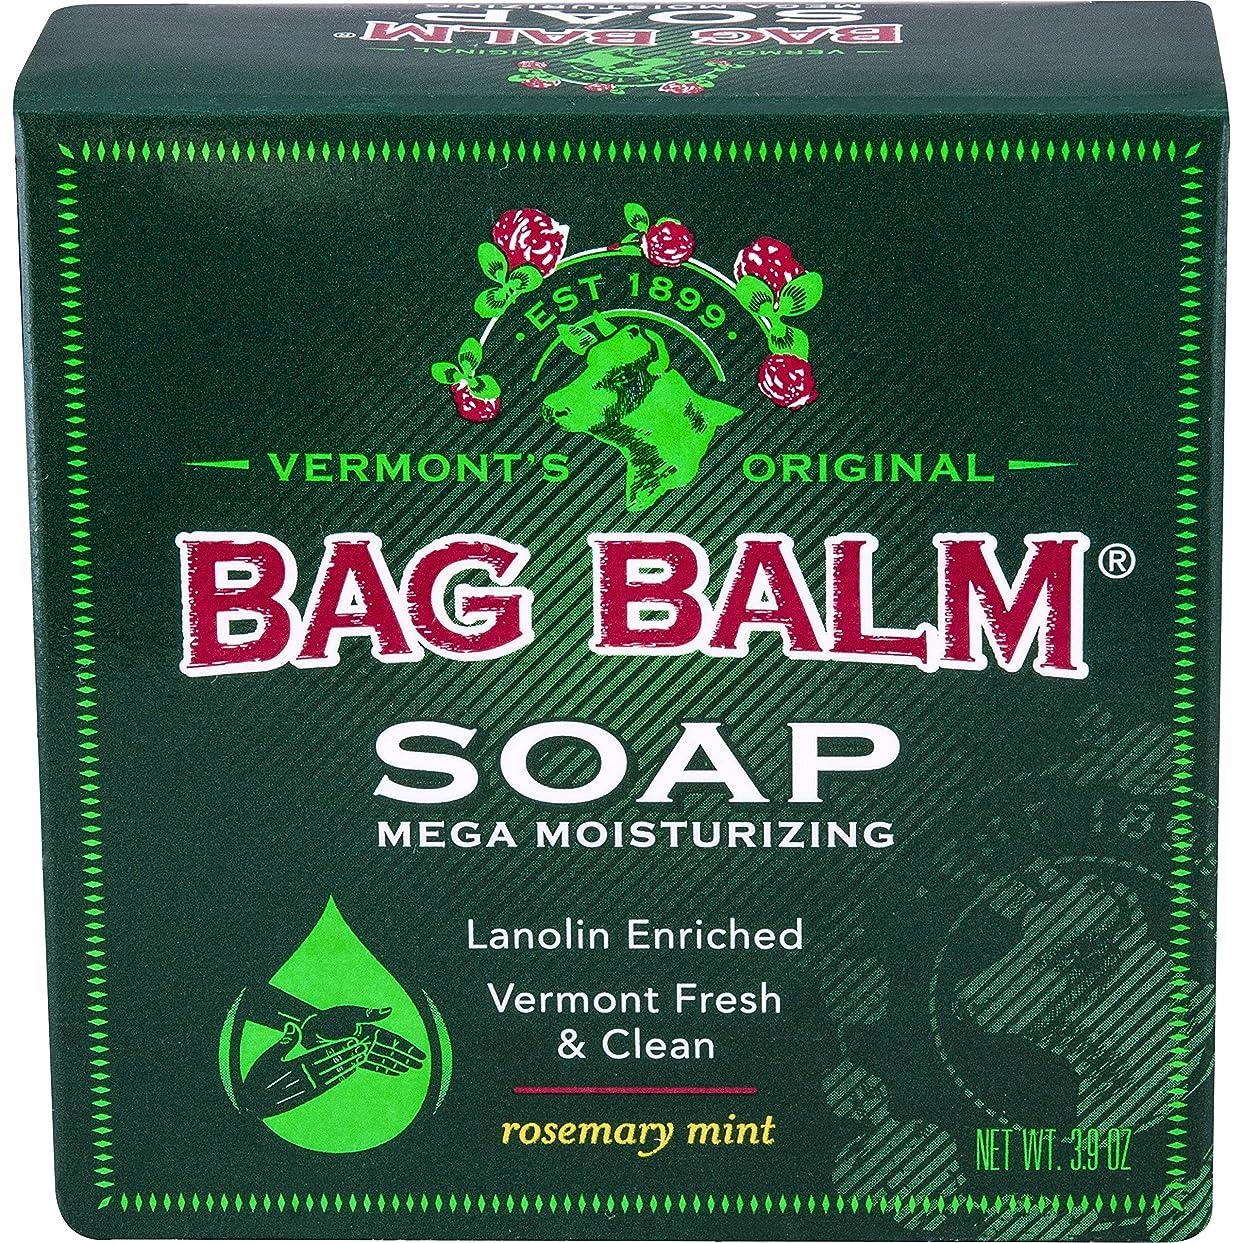 調子打倒倫理Bag Balm メガモイスチャーソープローズマリーミント3.9オンスバー(3バリューパック)